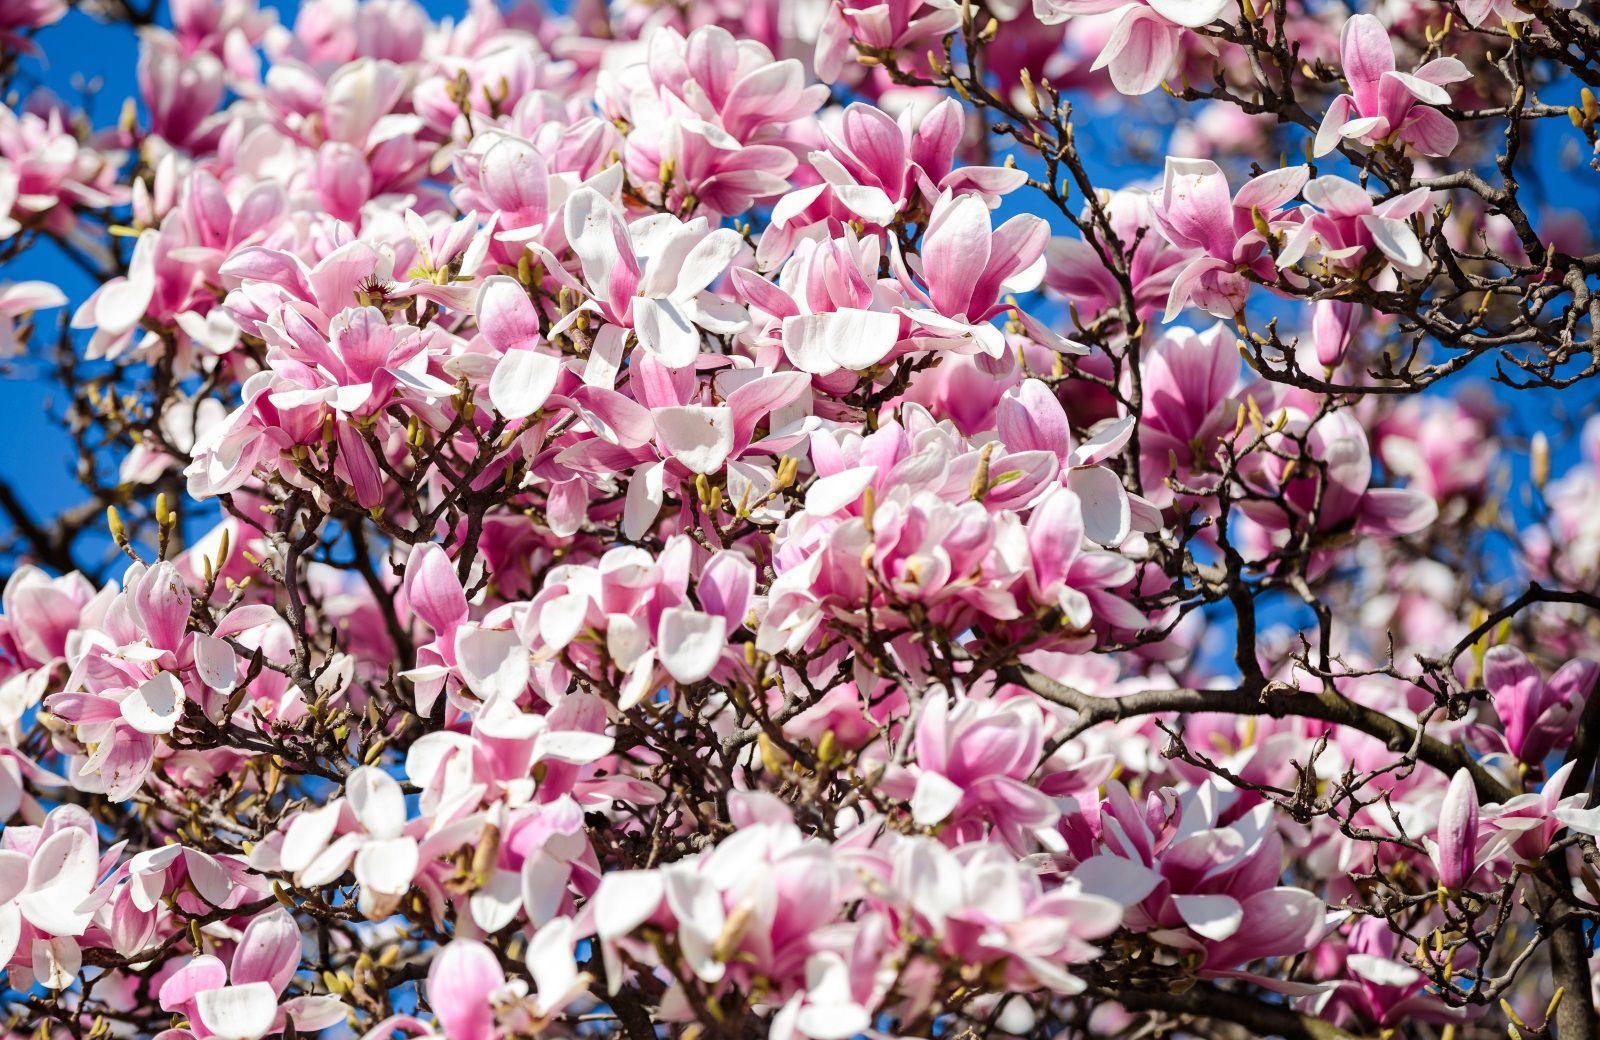 zagreb-cvijeće-magnolija-cvijet-tomislavac